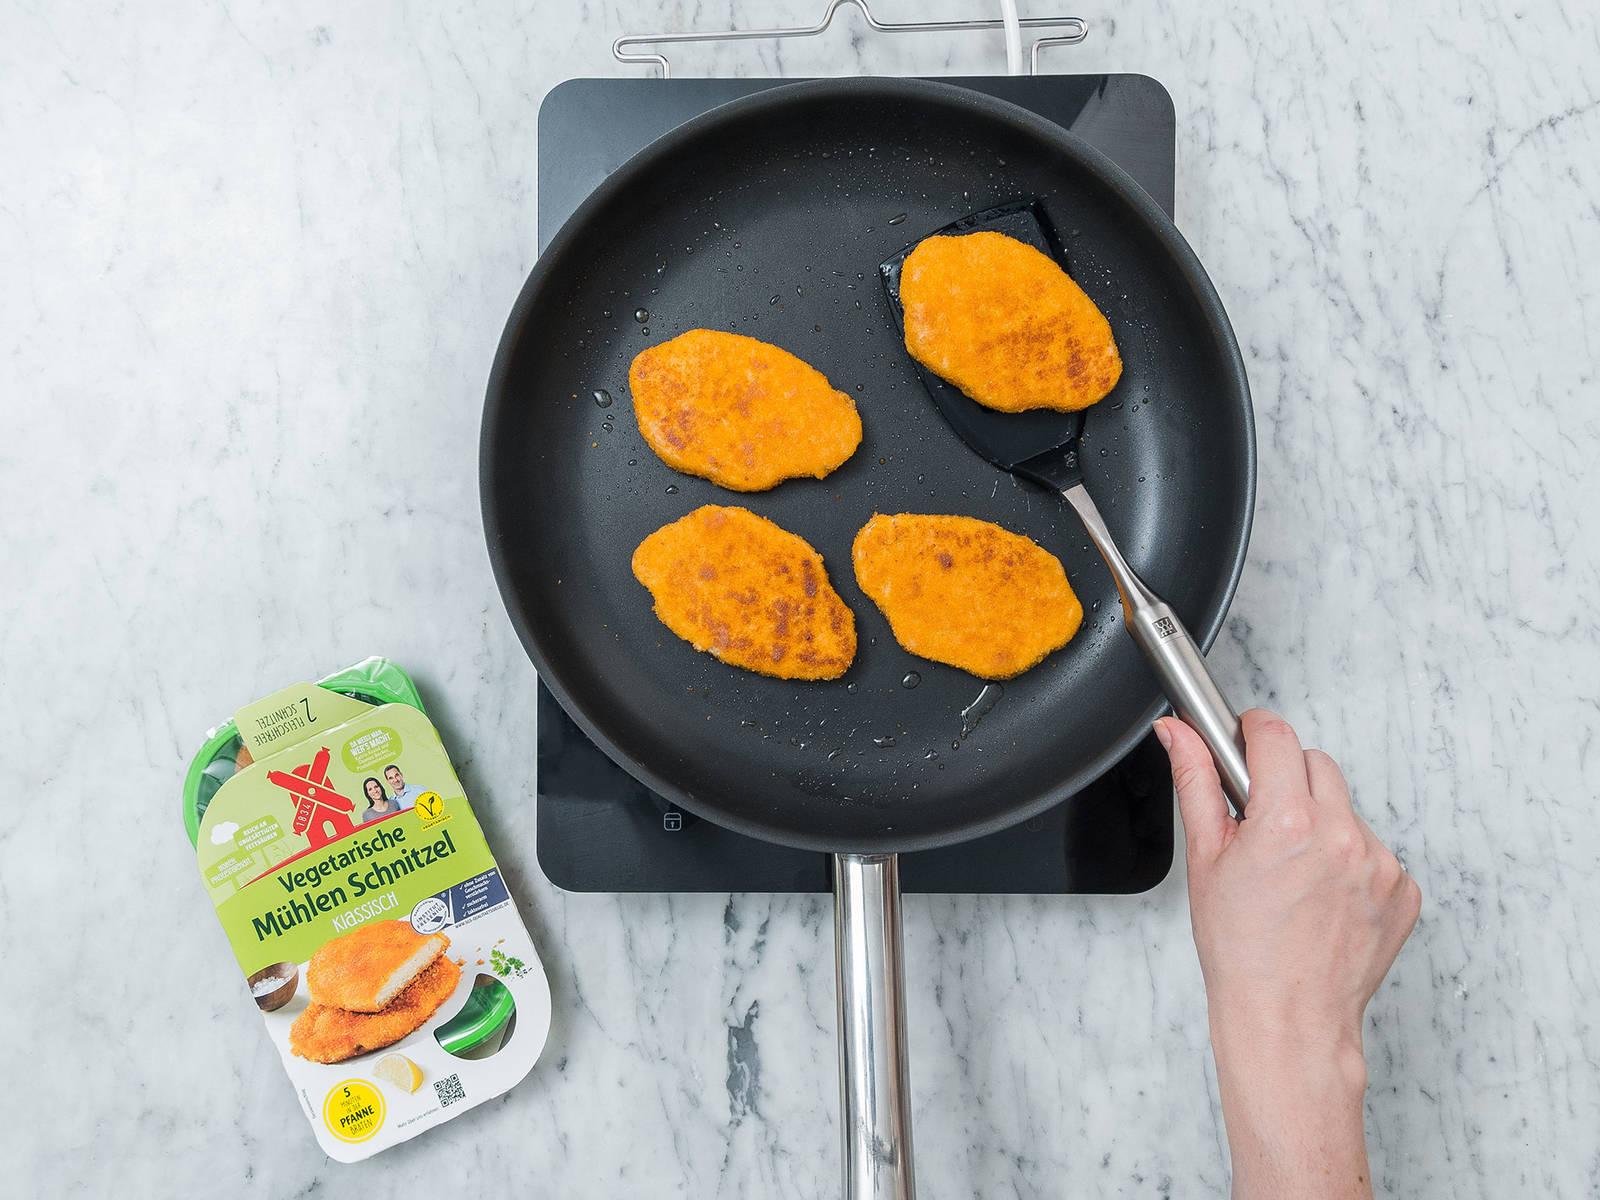 Pflanzenöl in einer großen Pfanne bei mittlerer Hitze erwärmen. Vegetarische Schnitzel von jeder Seite ca. 2 - 3 Min. anbraten. Aus der Pfanne nehmen und ca. 1 - 2 Min. abkühlen lassen. Anschließend in Streifen schneiden.